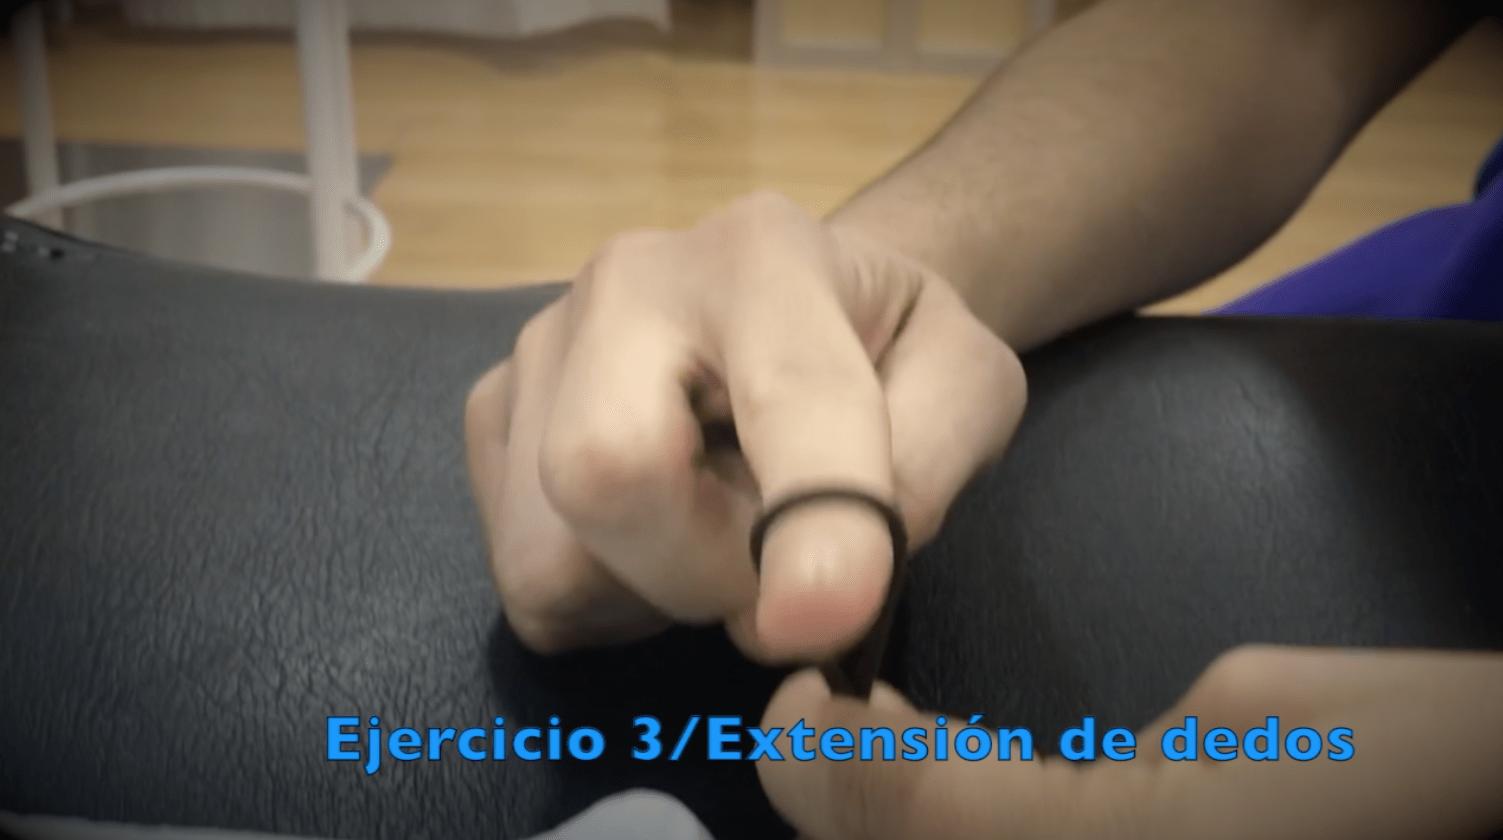 Ejercicios para fractura de muñeca extension dedos